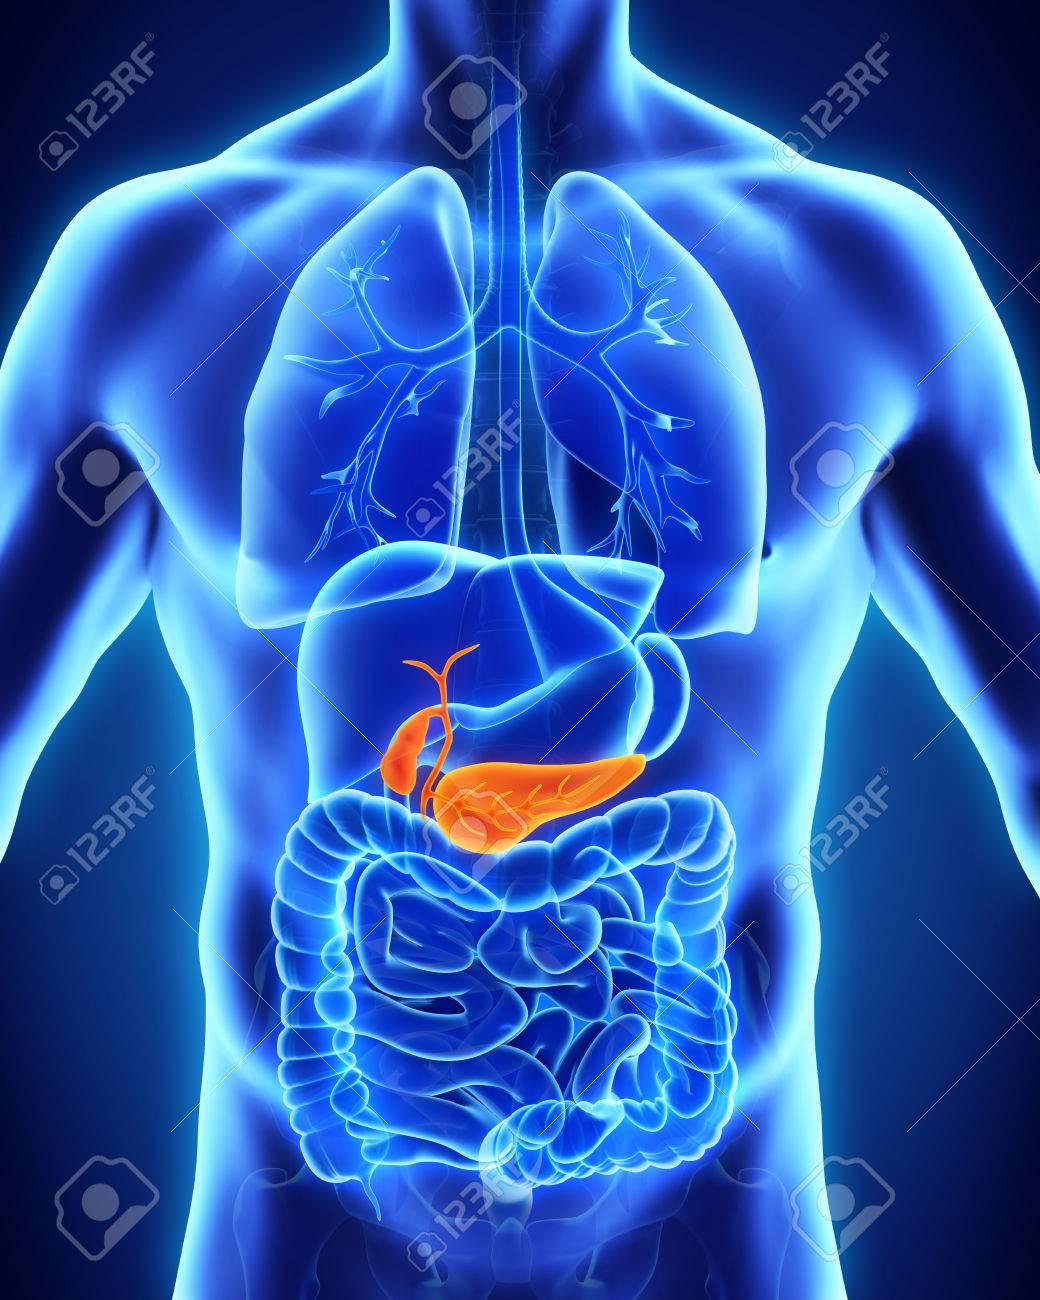 La Vesícula Biliar Y Páncreas Anatomía Humana Fotos, Retratos ...